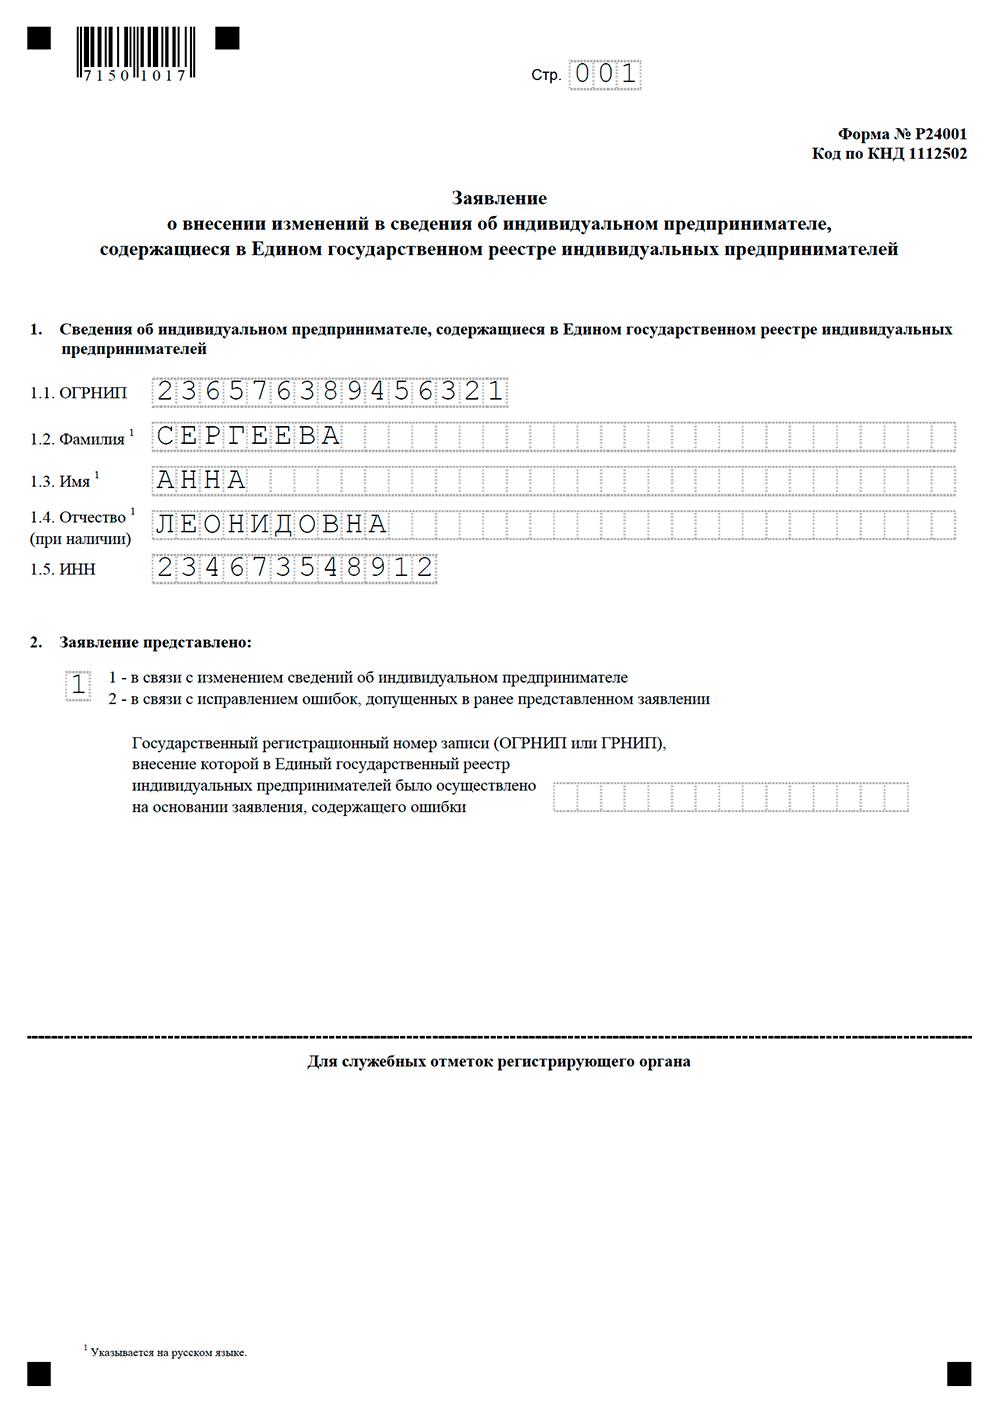 пошаговая инструкция добавления кодов оквэд для ип